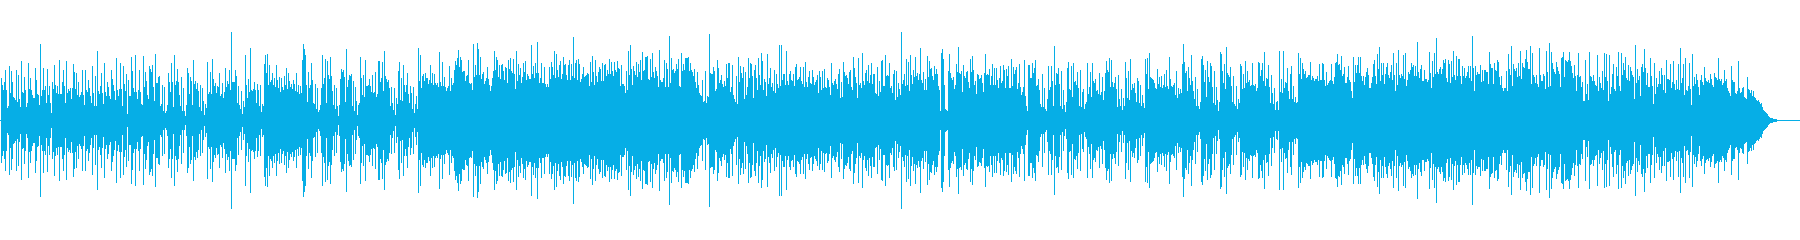 軽快なフュージョンの再生済みの波形